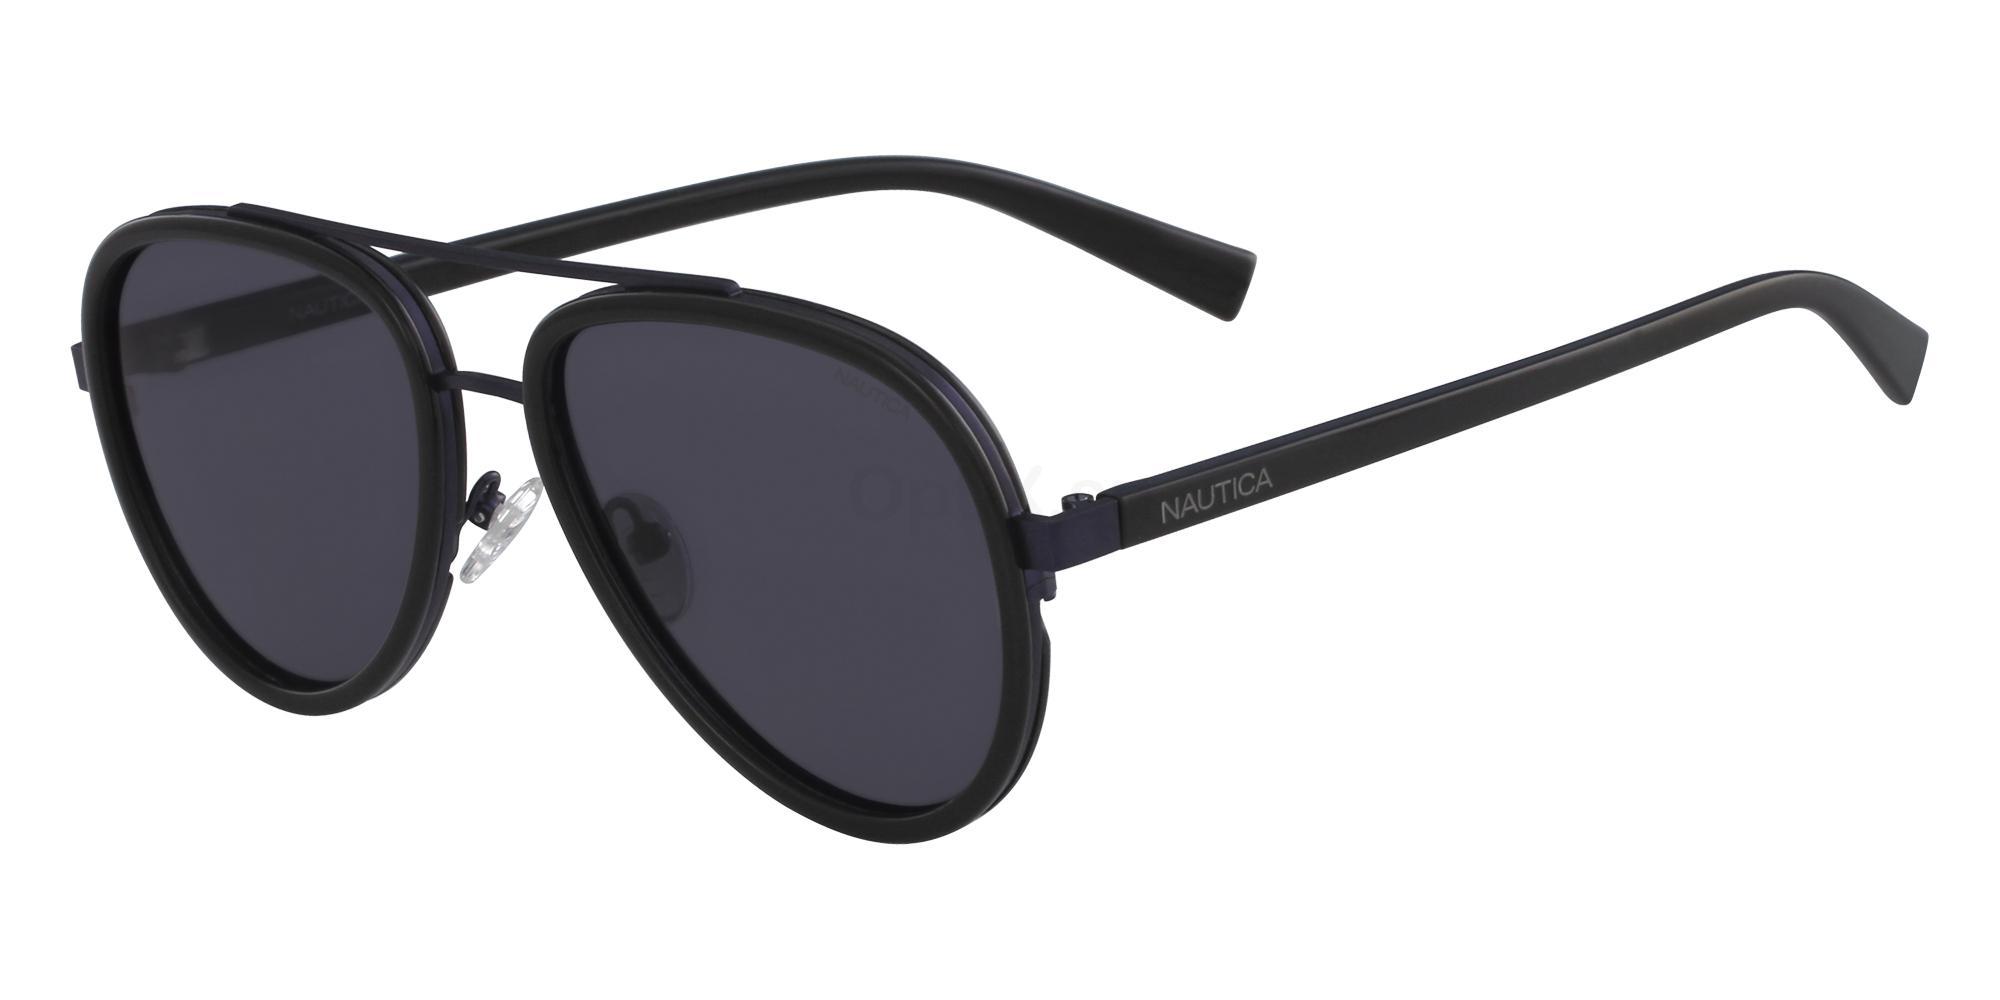 001 N4627SP Sunglasses, Nautica